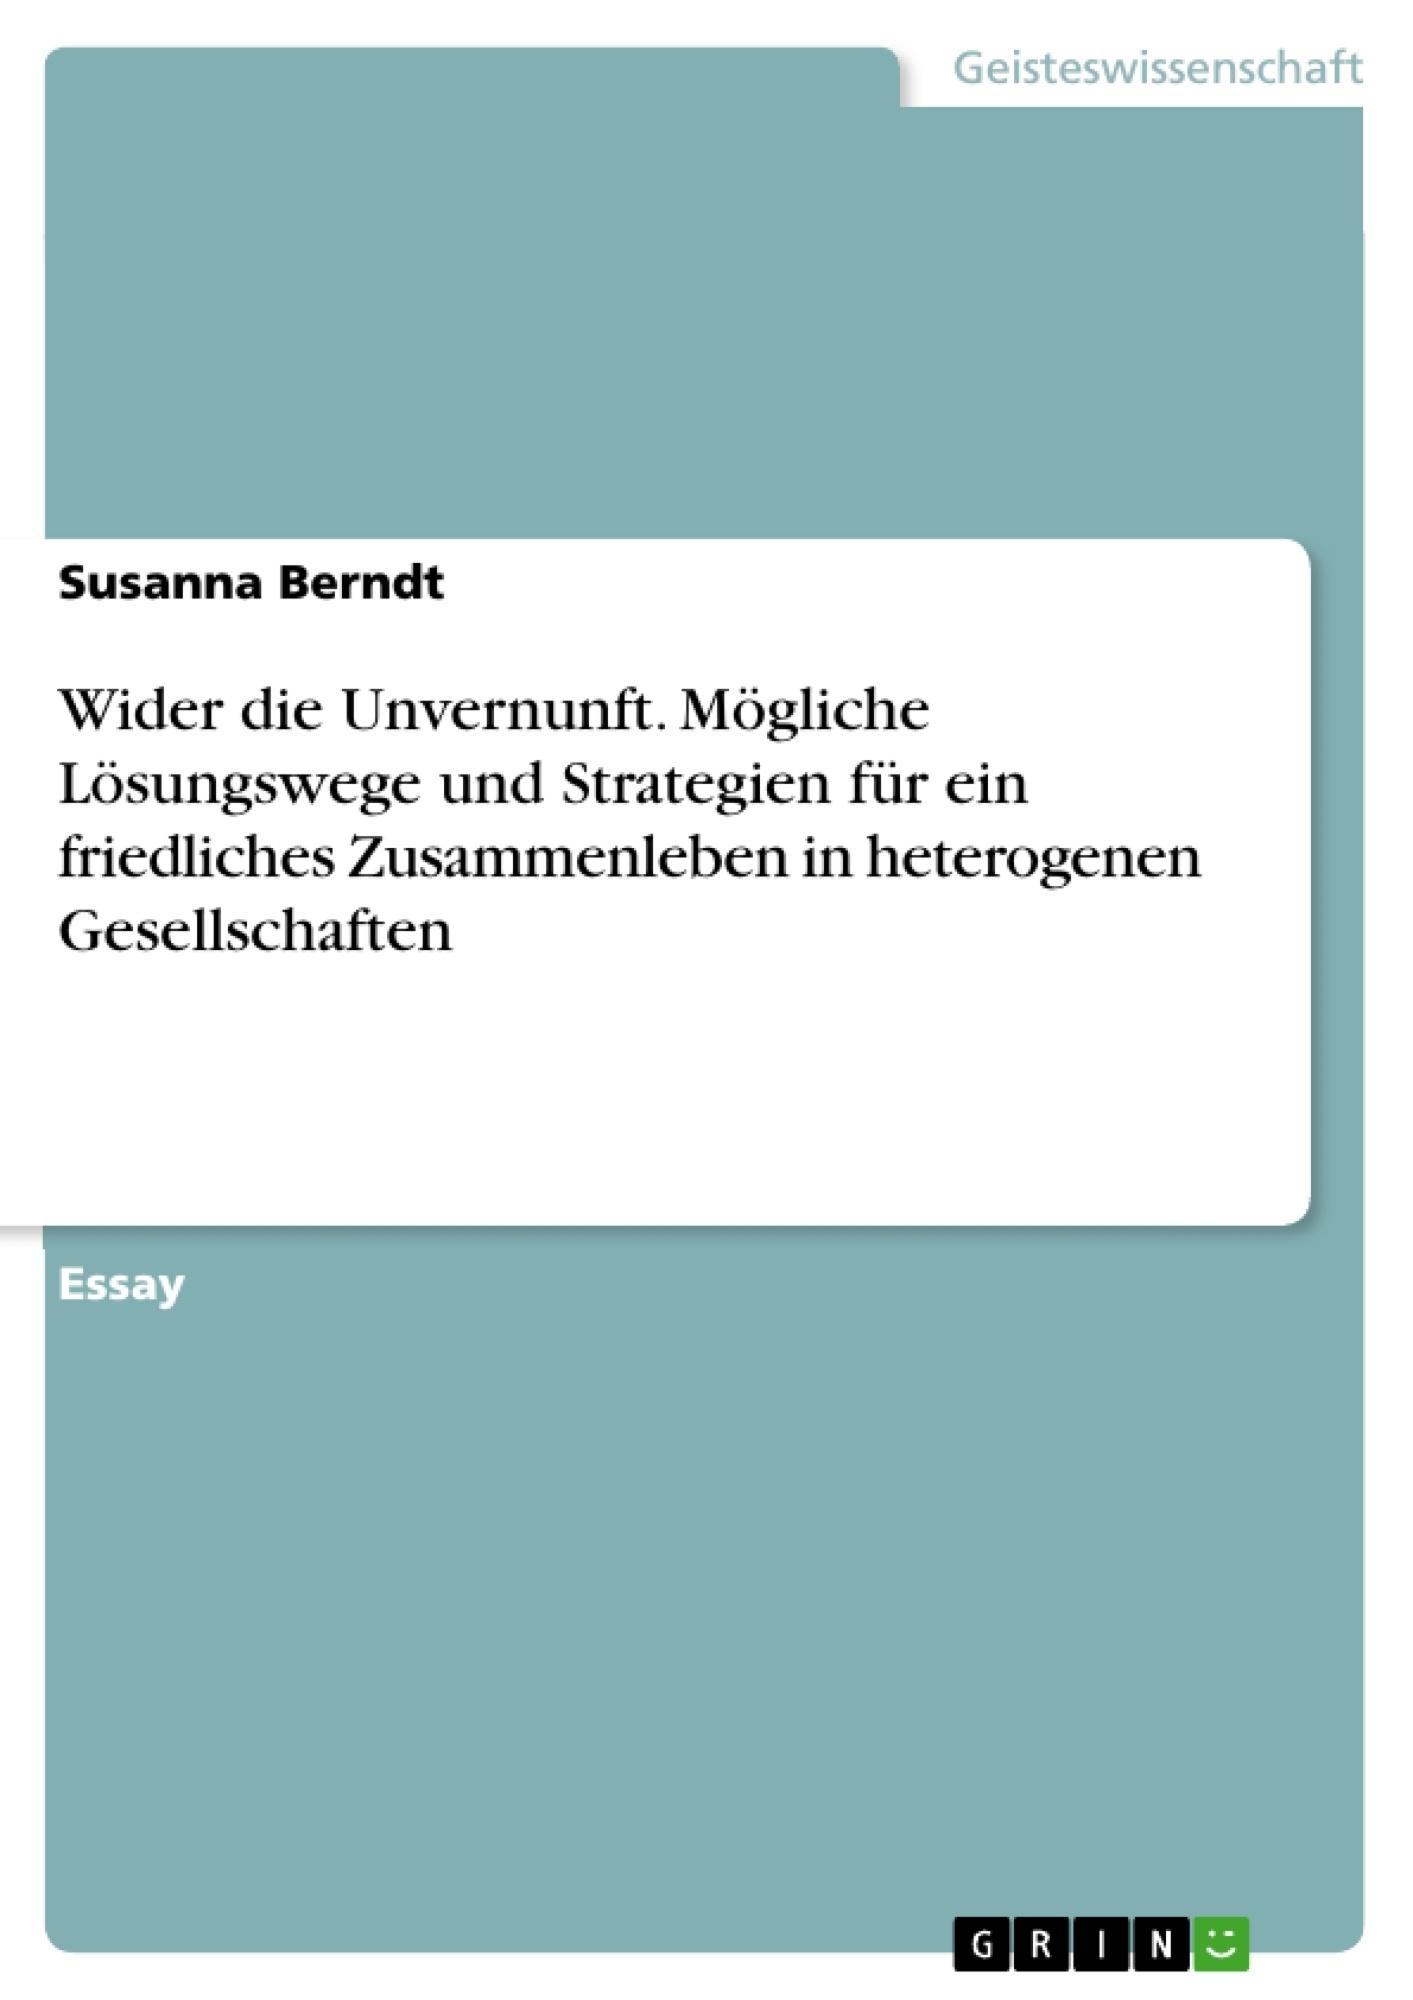 Titel: Wider die Unvernunft. Mögliche Lösungswege und Strategien für ein friedliches Zusammenleben in heterogenen Gesellschaften